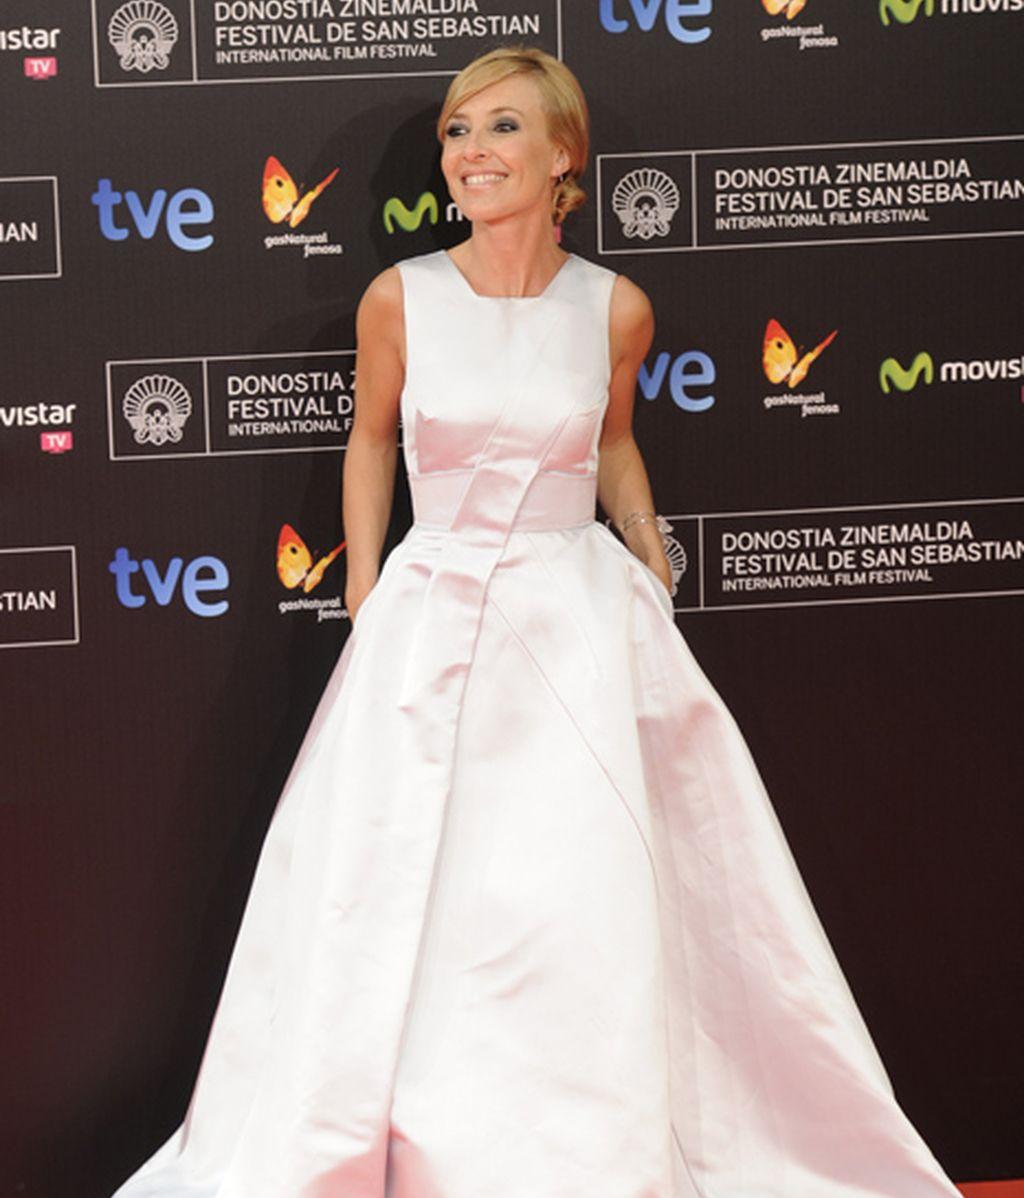 Cayetana Guillén Cuervo, hizo las labores de co-presentadora y azafata del evento